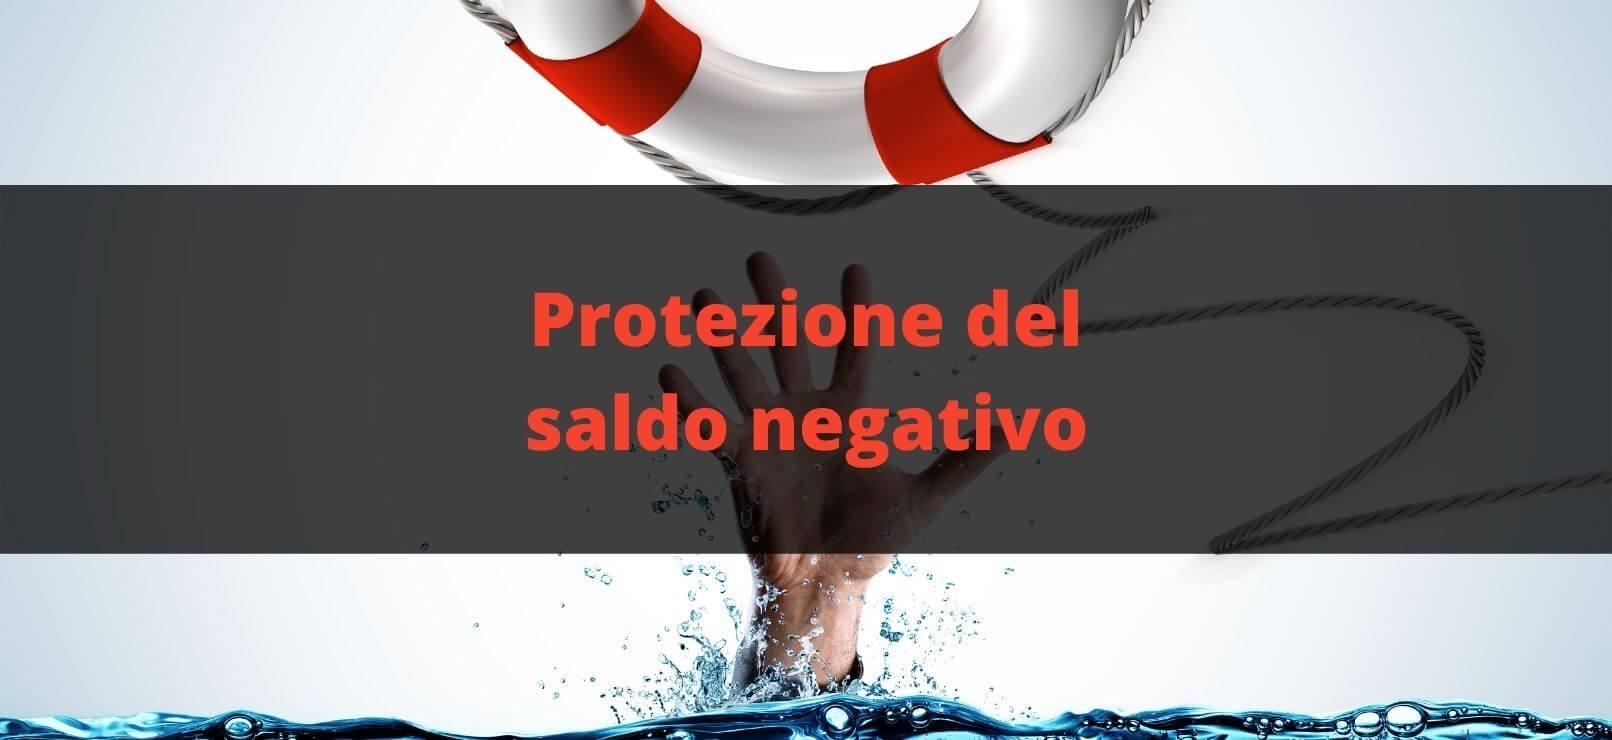 Protezione del saldo negativo